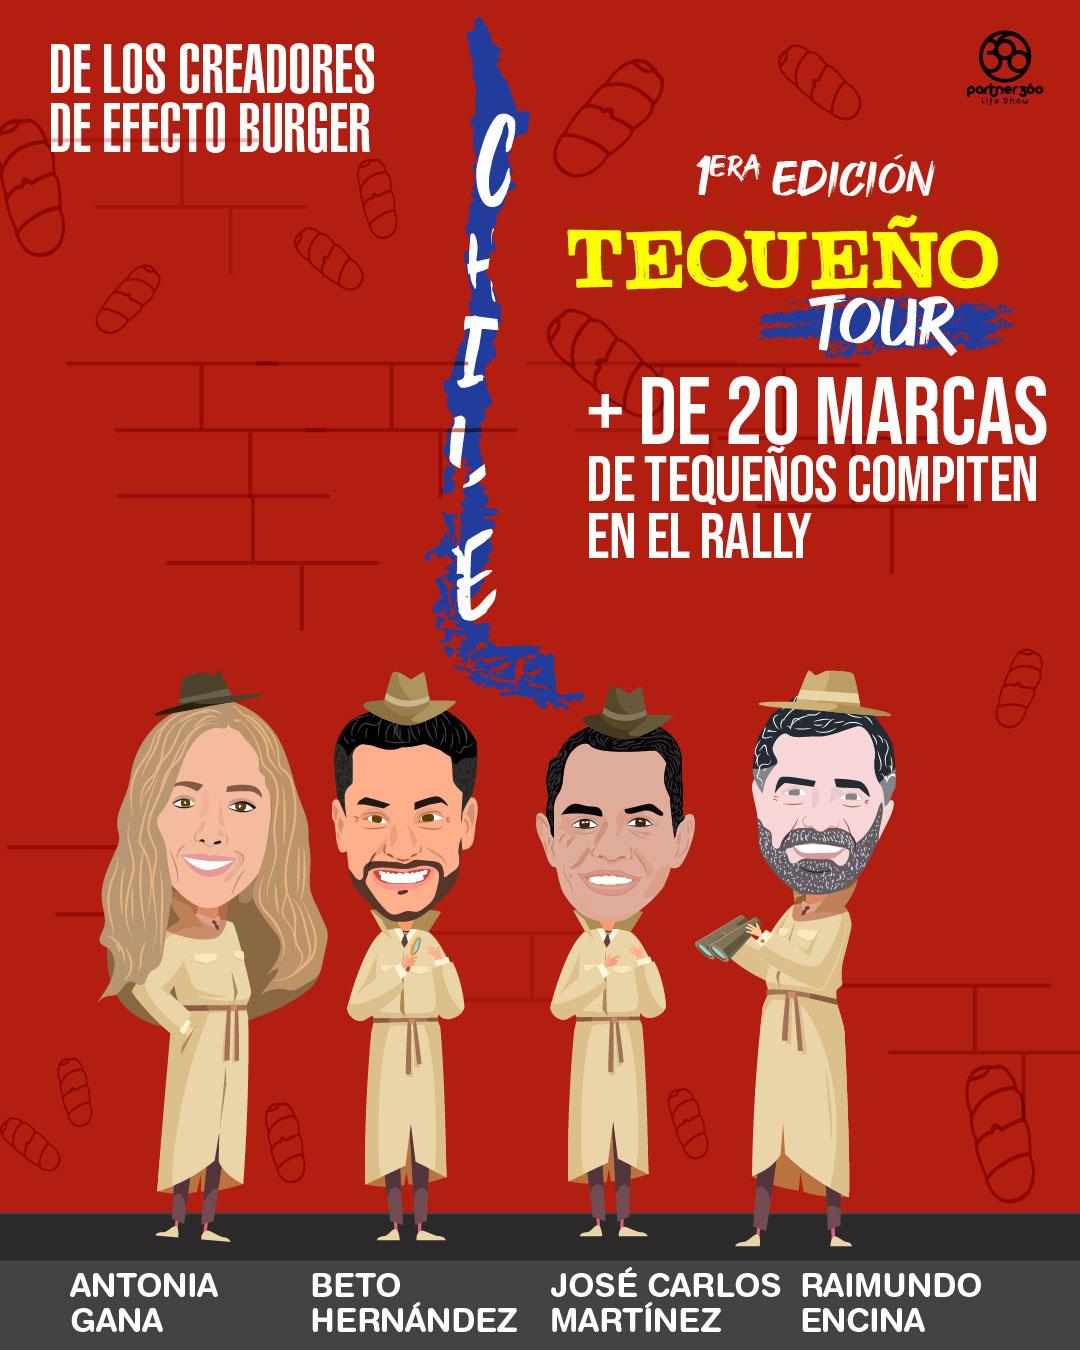 Tequeño Tour: Un panorama gastronómico que invita a conocer la versatilidad de la comida venezolana